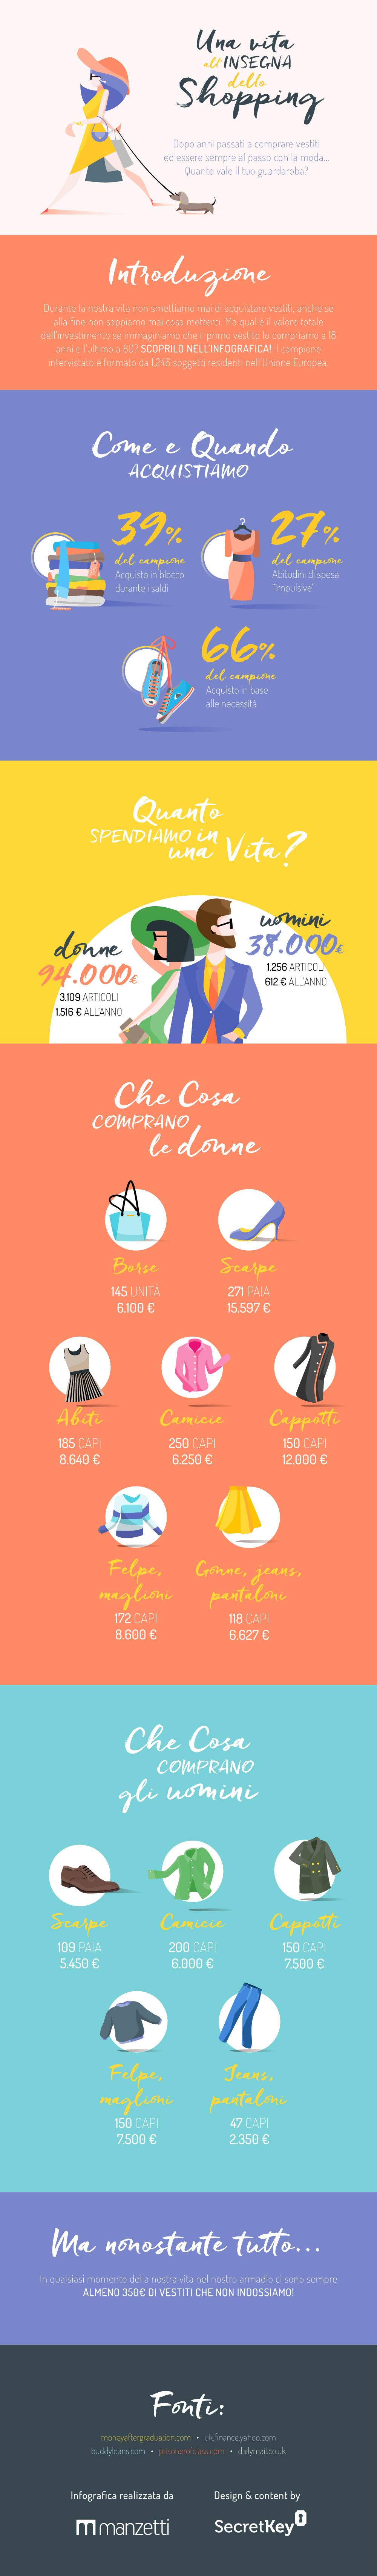 Infografica: Una vita all'insegna dello Shopping!